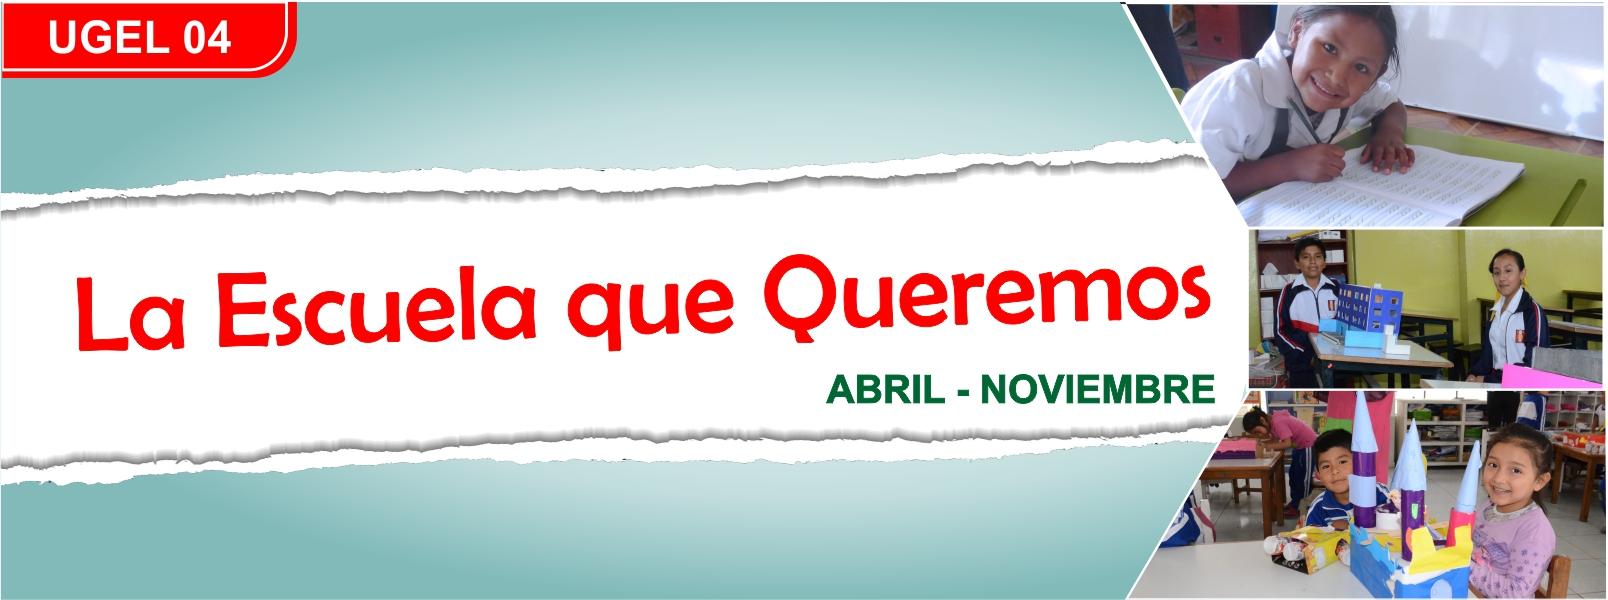 PORTADA-LA-ESCUELA-QUE-QUEREMOS-FB